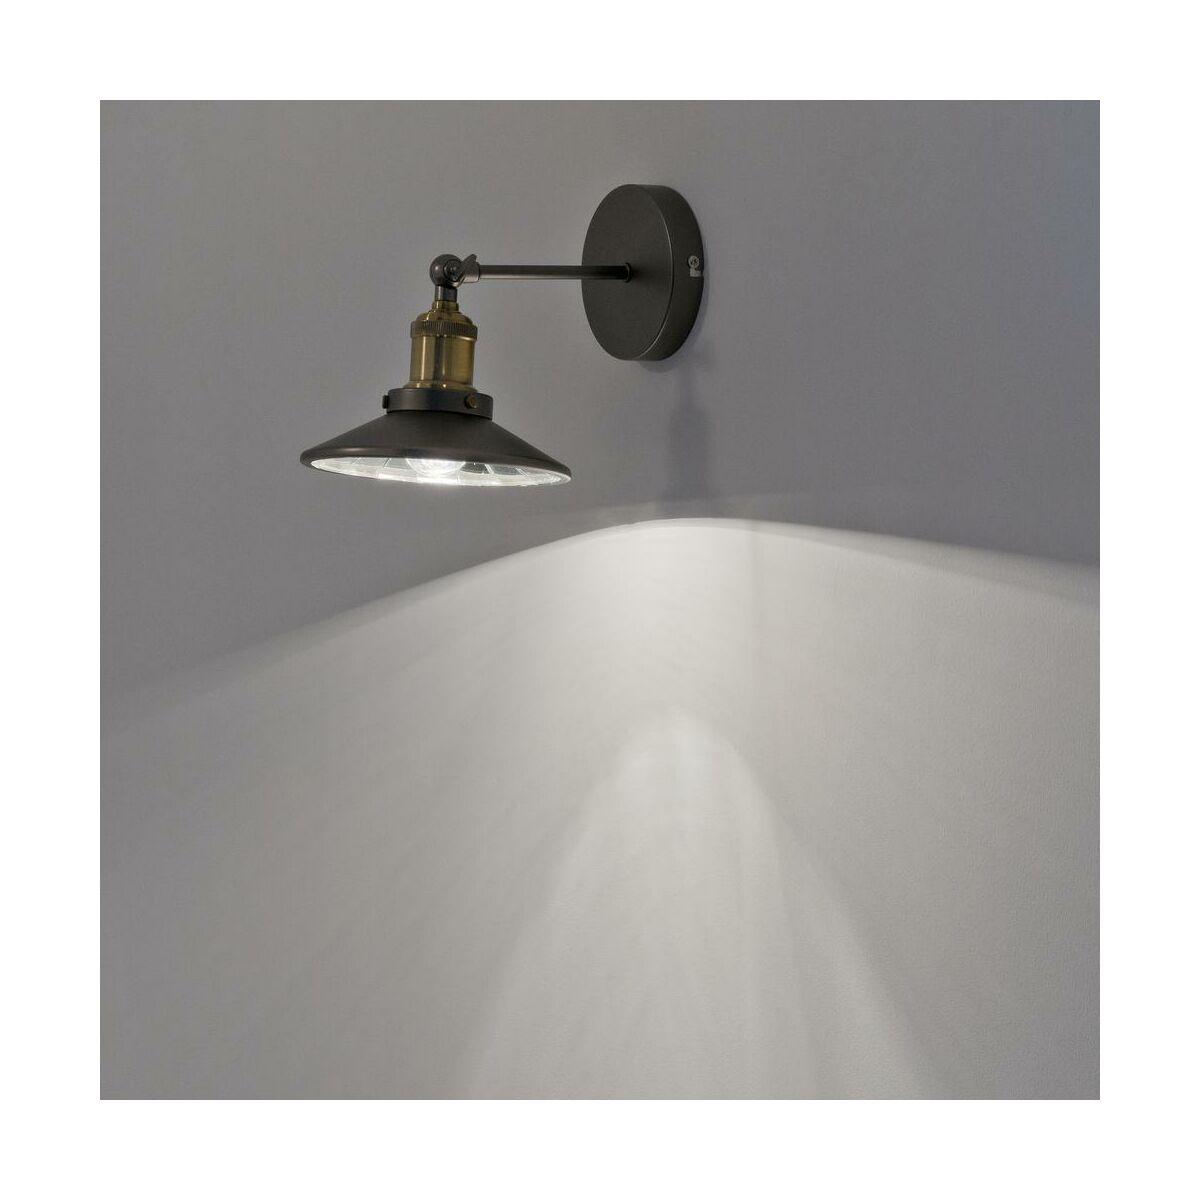 Kinkiet atrato 60 w inspire serie lamp w atrakcyjnej cenie w sklepach ler - Collection inspire leroy merlin ...